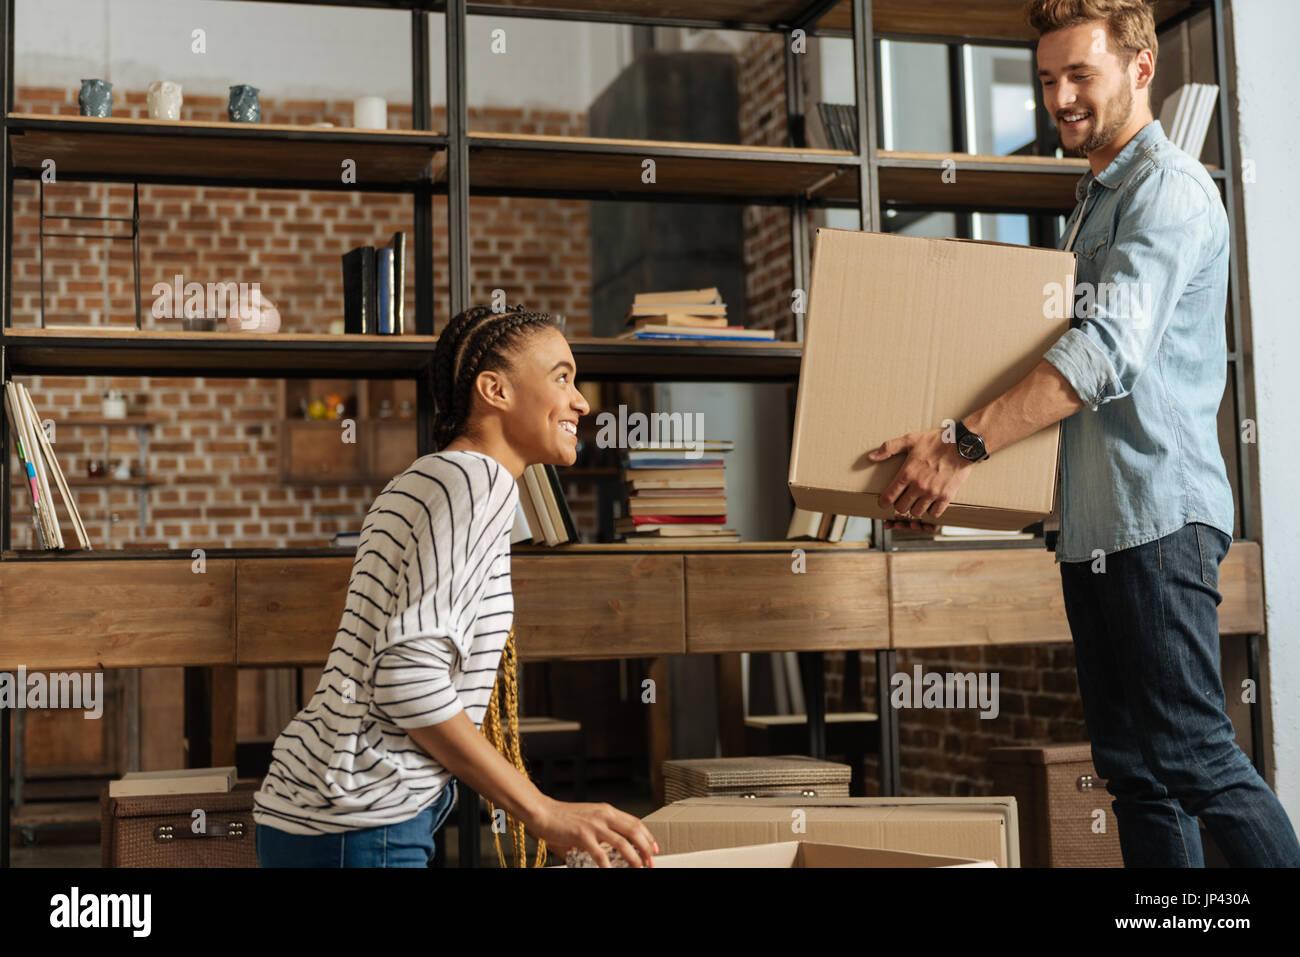 Encantado pareja joven trasladarse a Nueva Casa Imagen De Stock